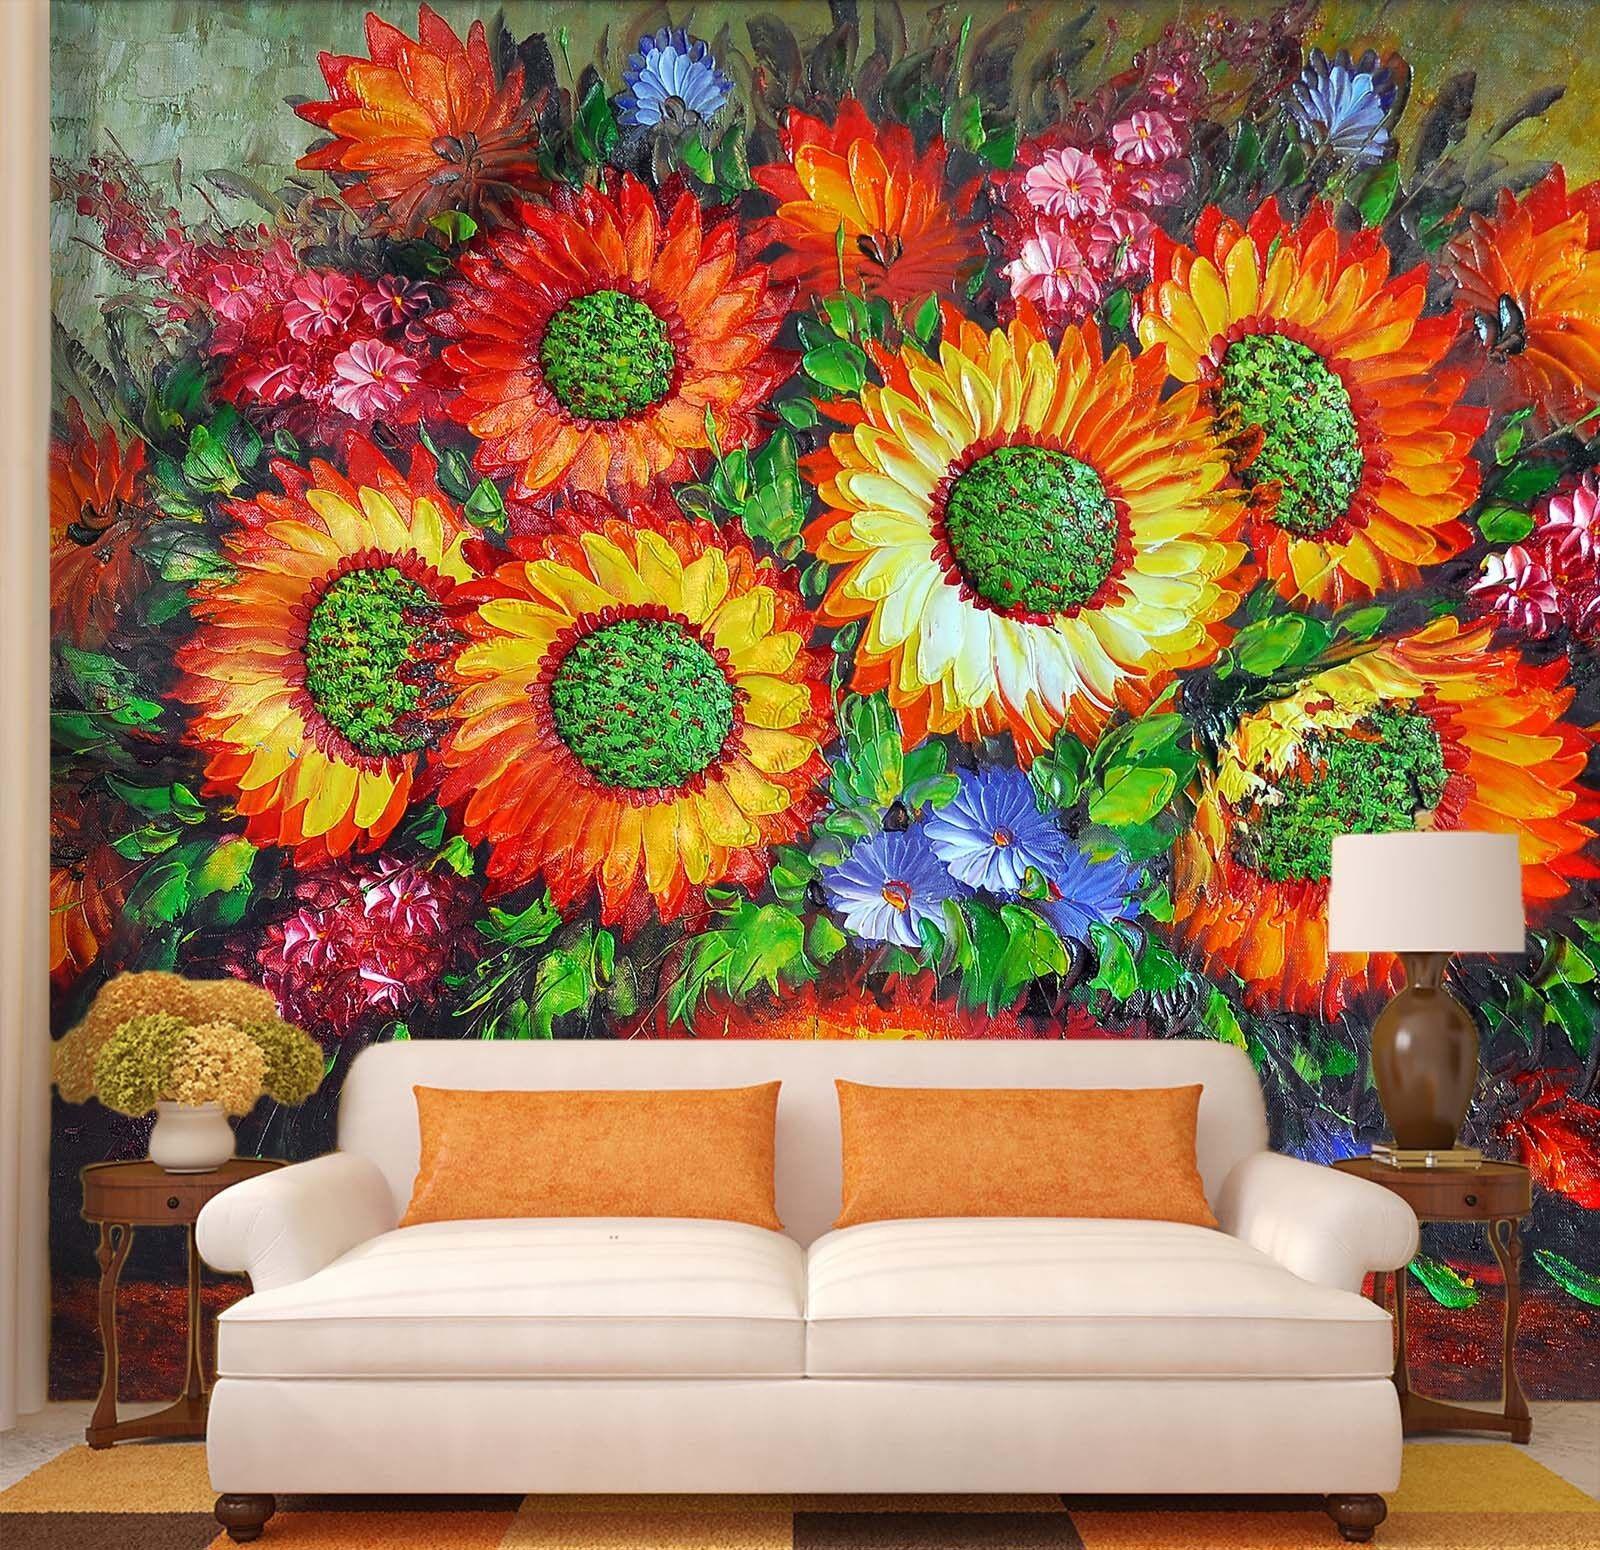 Papel Pintado Mural De Vellón Girasol Pintura Al Óleo 23 Paisaje Fondo Pansize